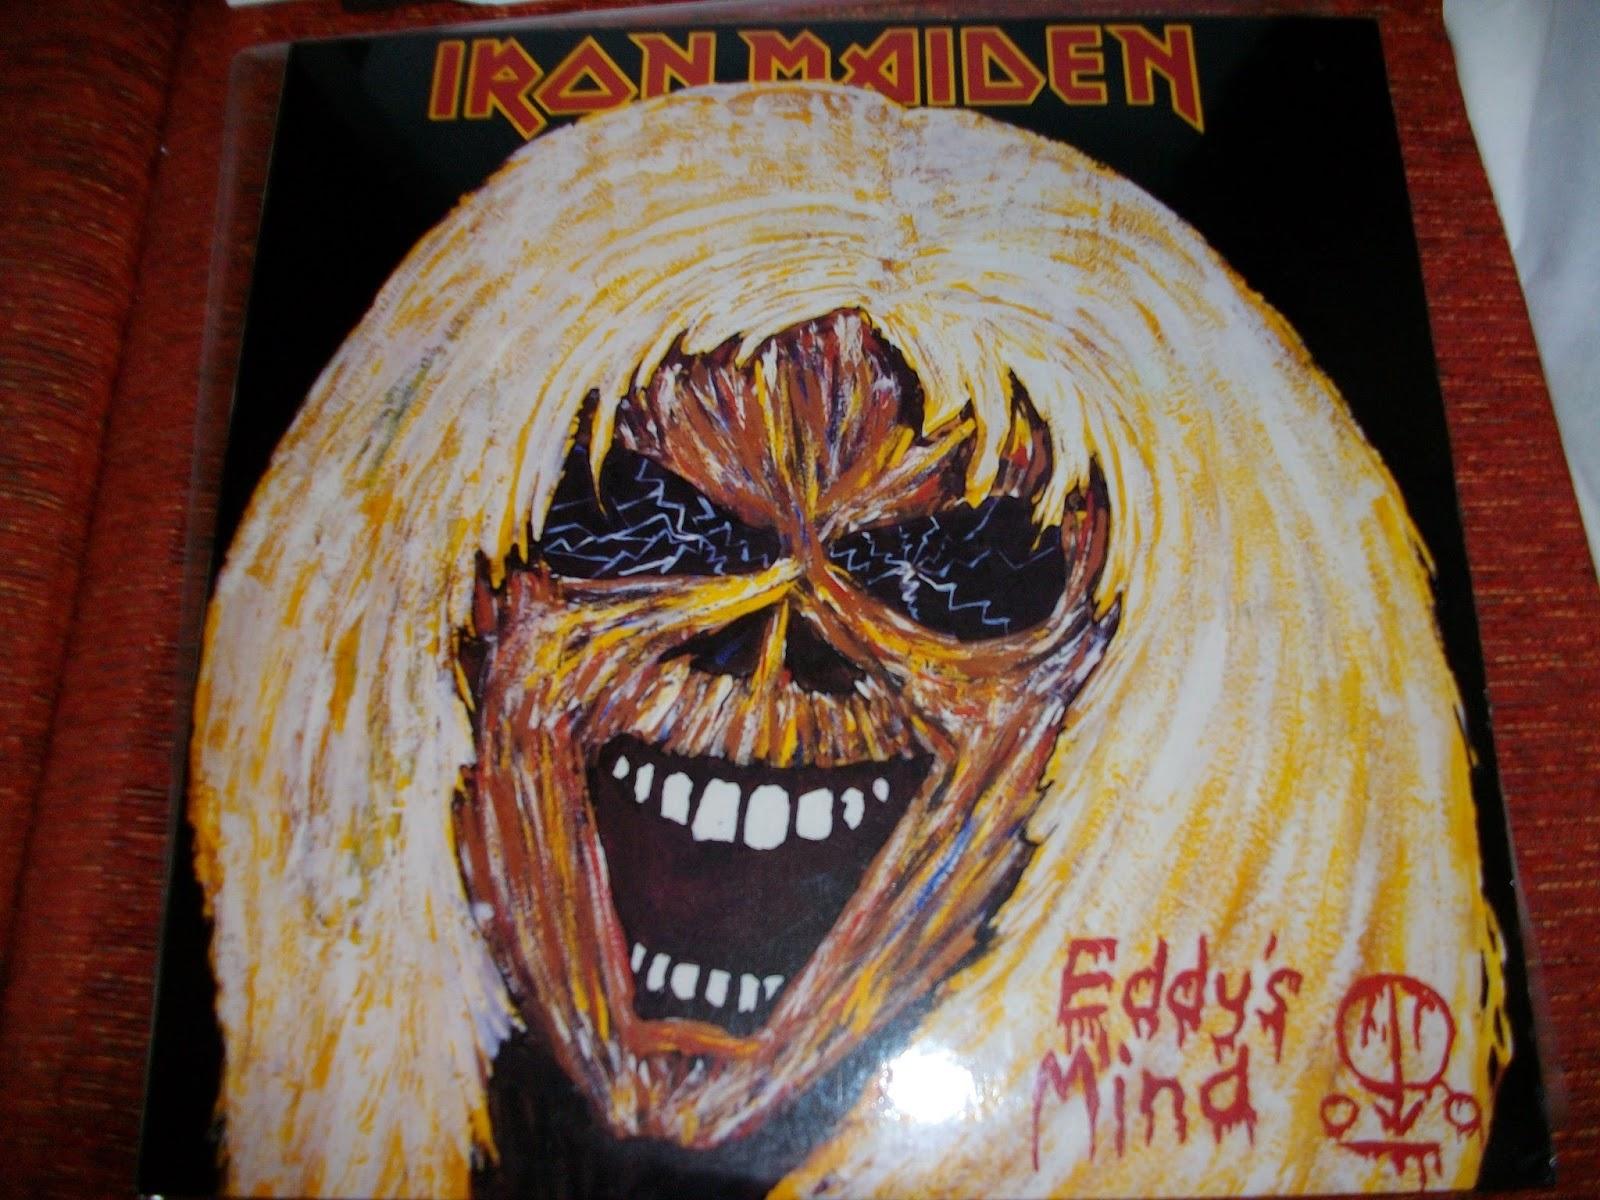 Iron Maiden - Eddy's Mind